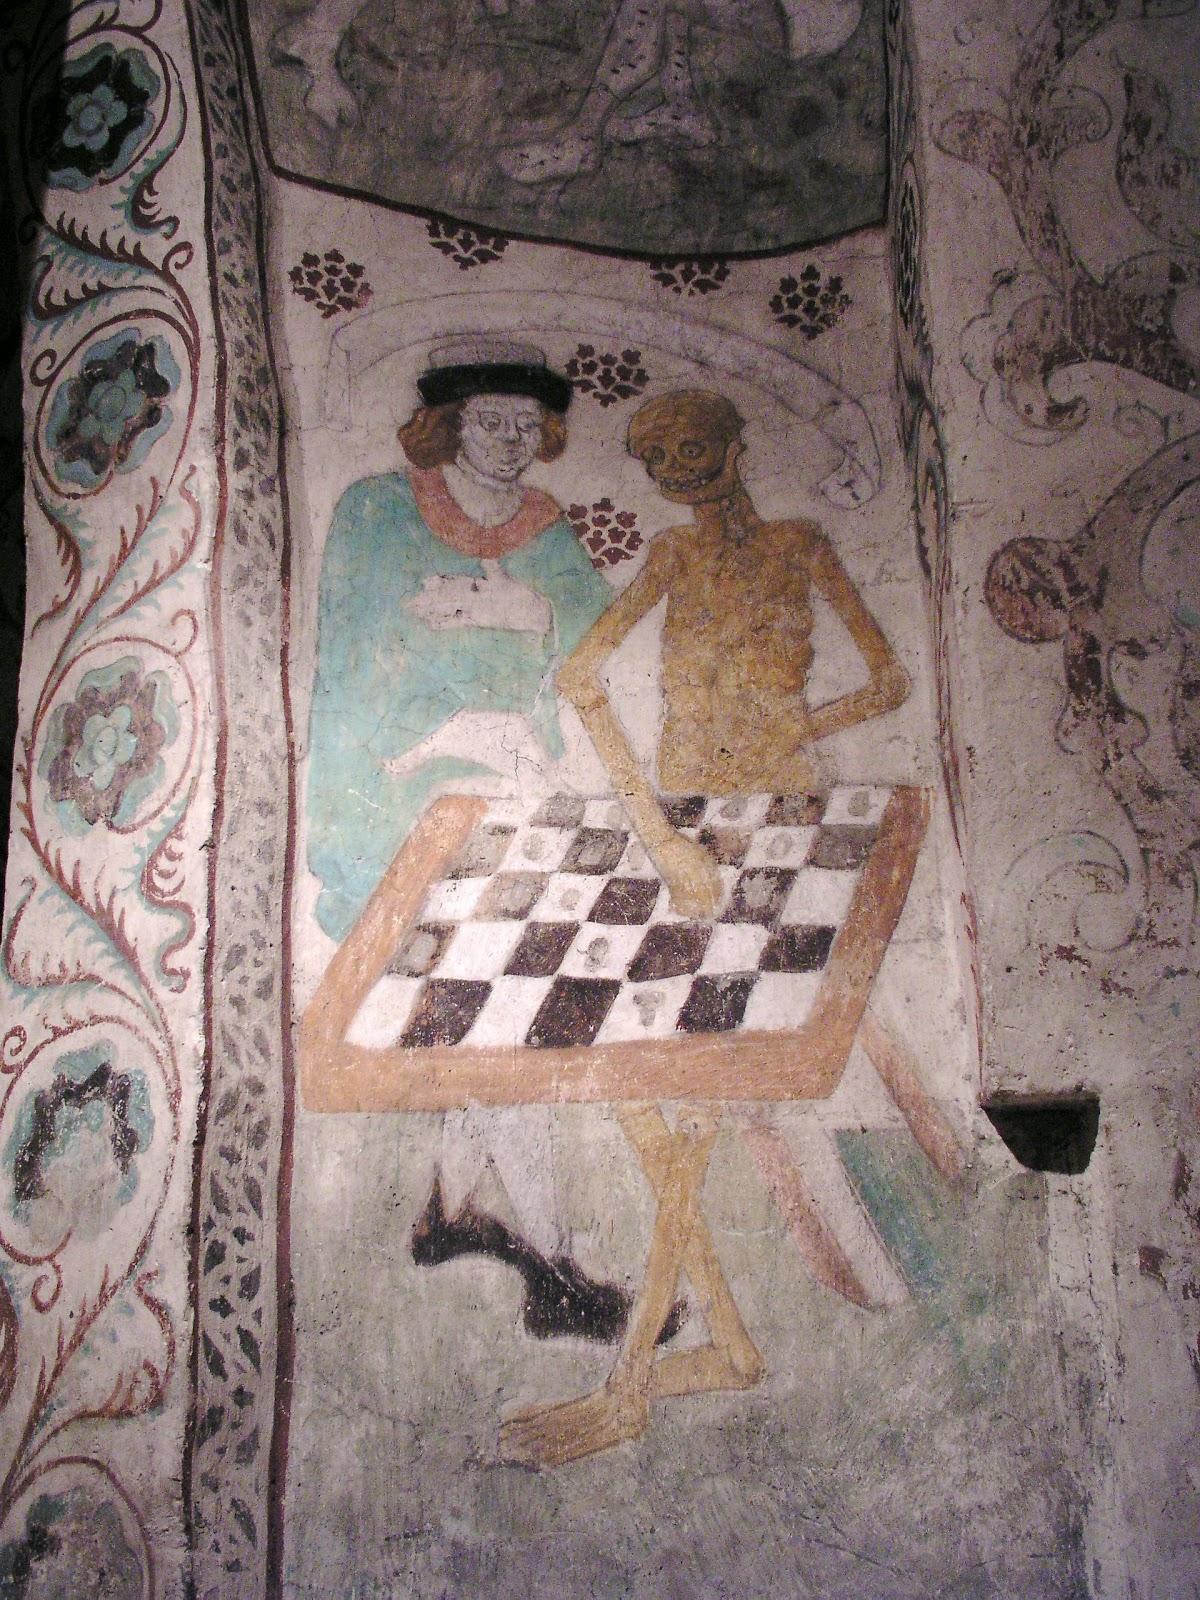 La muerte jugando al ajedrez, mural de Albertus Pictor (1440-1507), en la iglesia de Täby, al norte de Estocolmo. «Todo es un tablero de noches y días...» (Omar Khayyam)